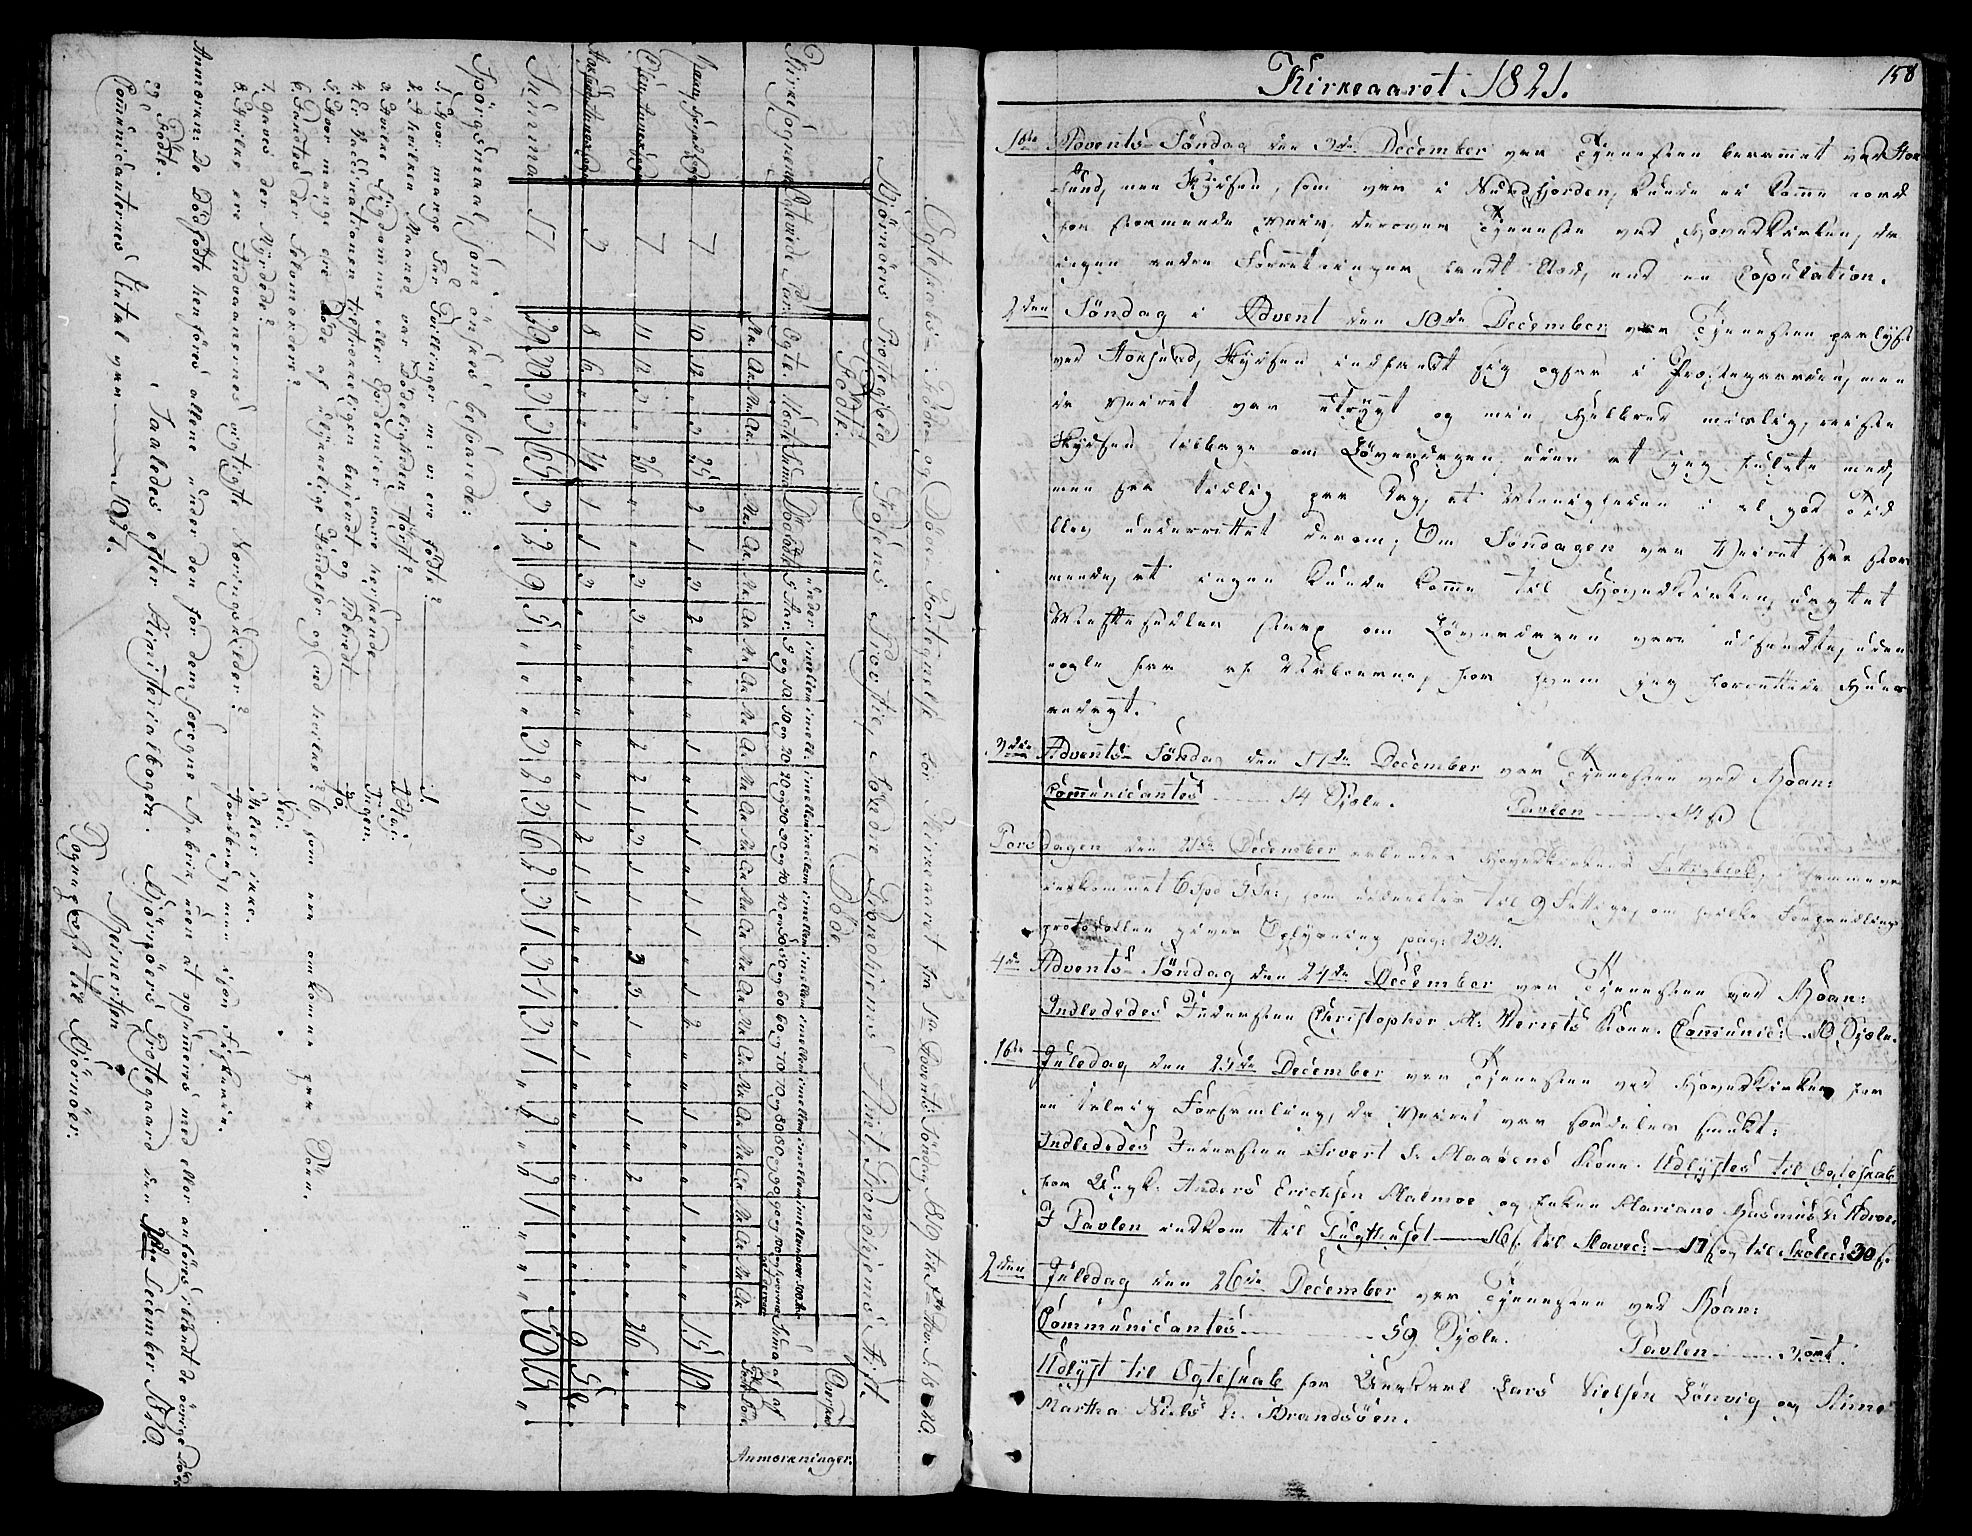 SAT, Ministerialprotokoller, klokkerbøker og fødselsregistre - Sør-Trøndelag, 657/L0701: Ministerialbok nr. 657A02, 1802-1831, s. 158a